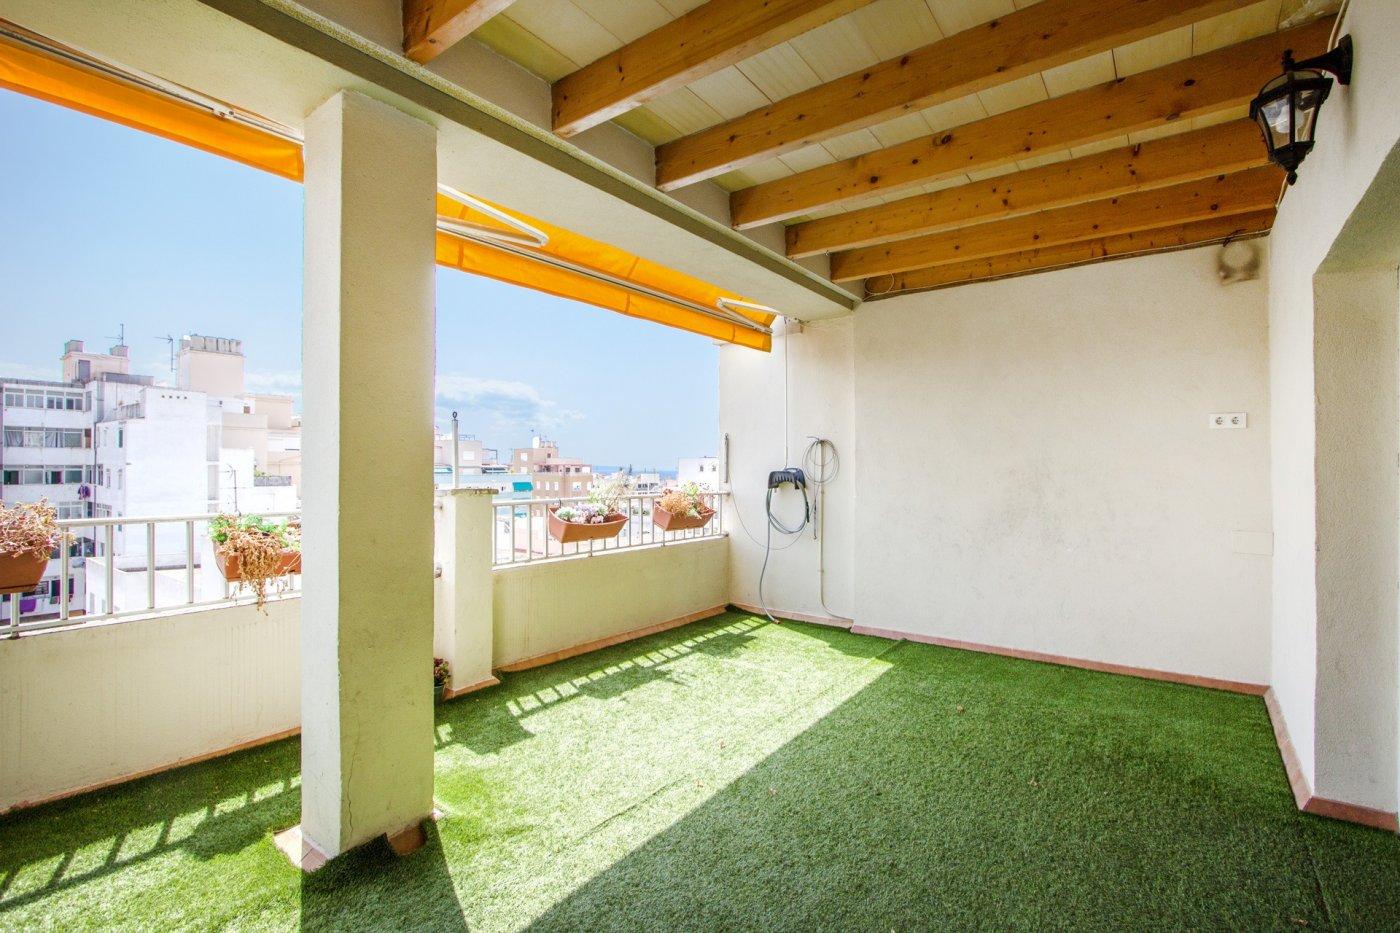 Ático-Venta-Palma de Mallorca-211014-Foto-30